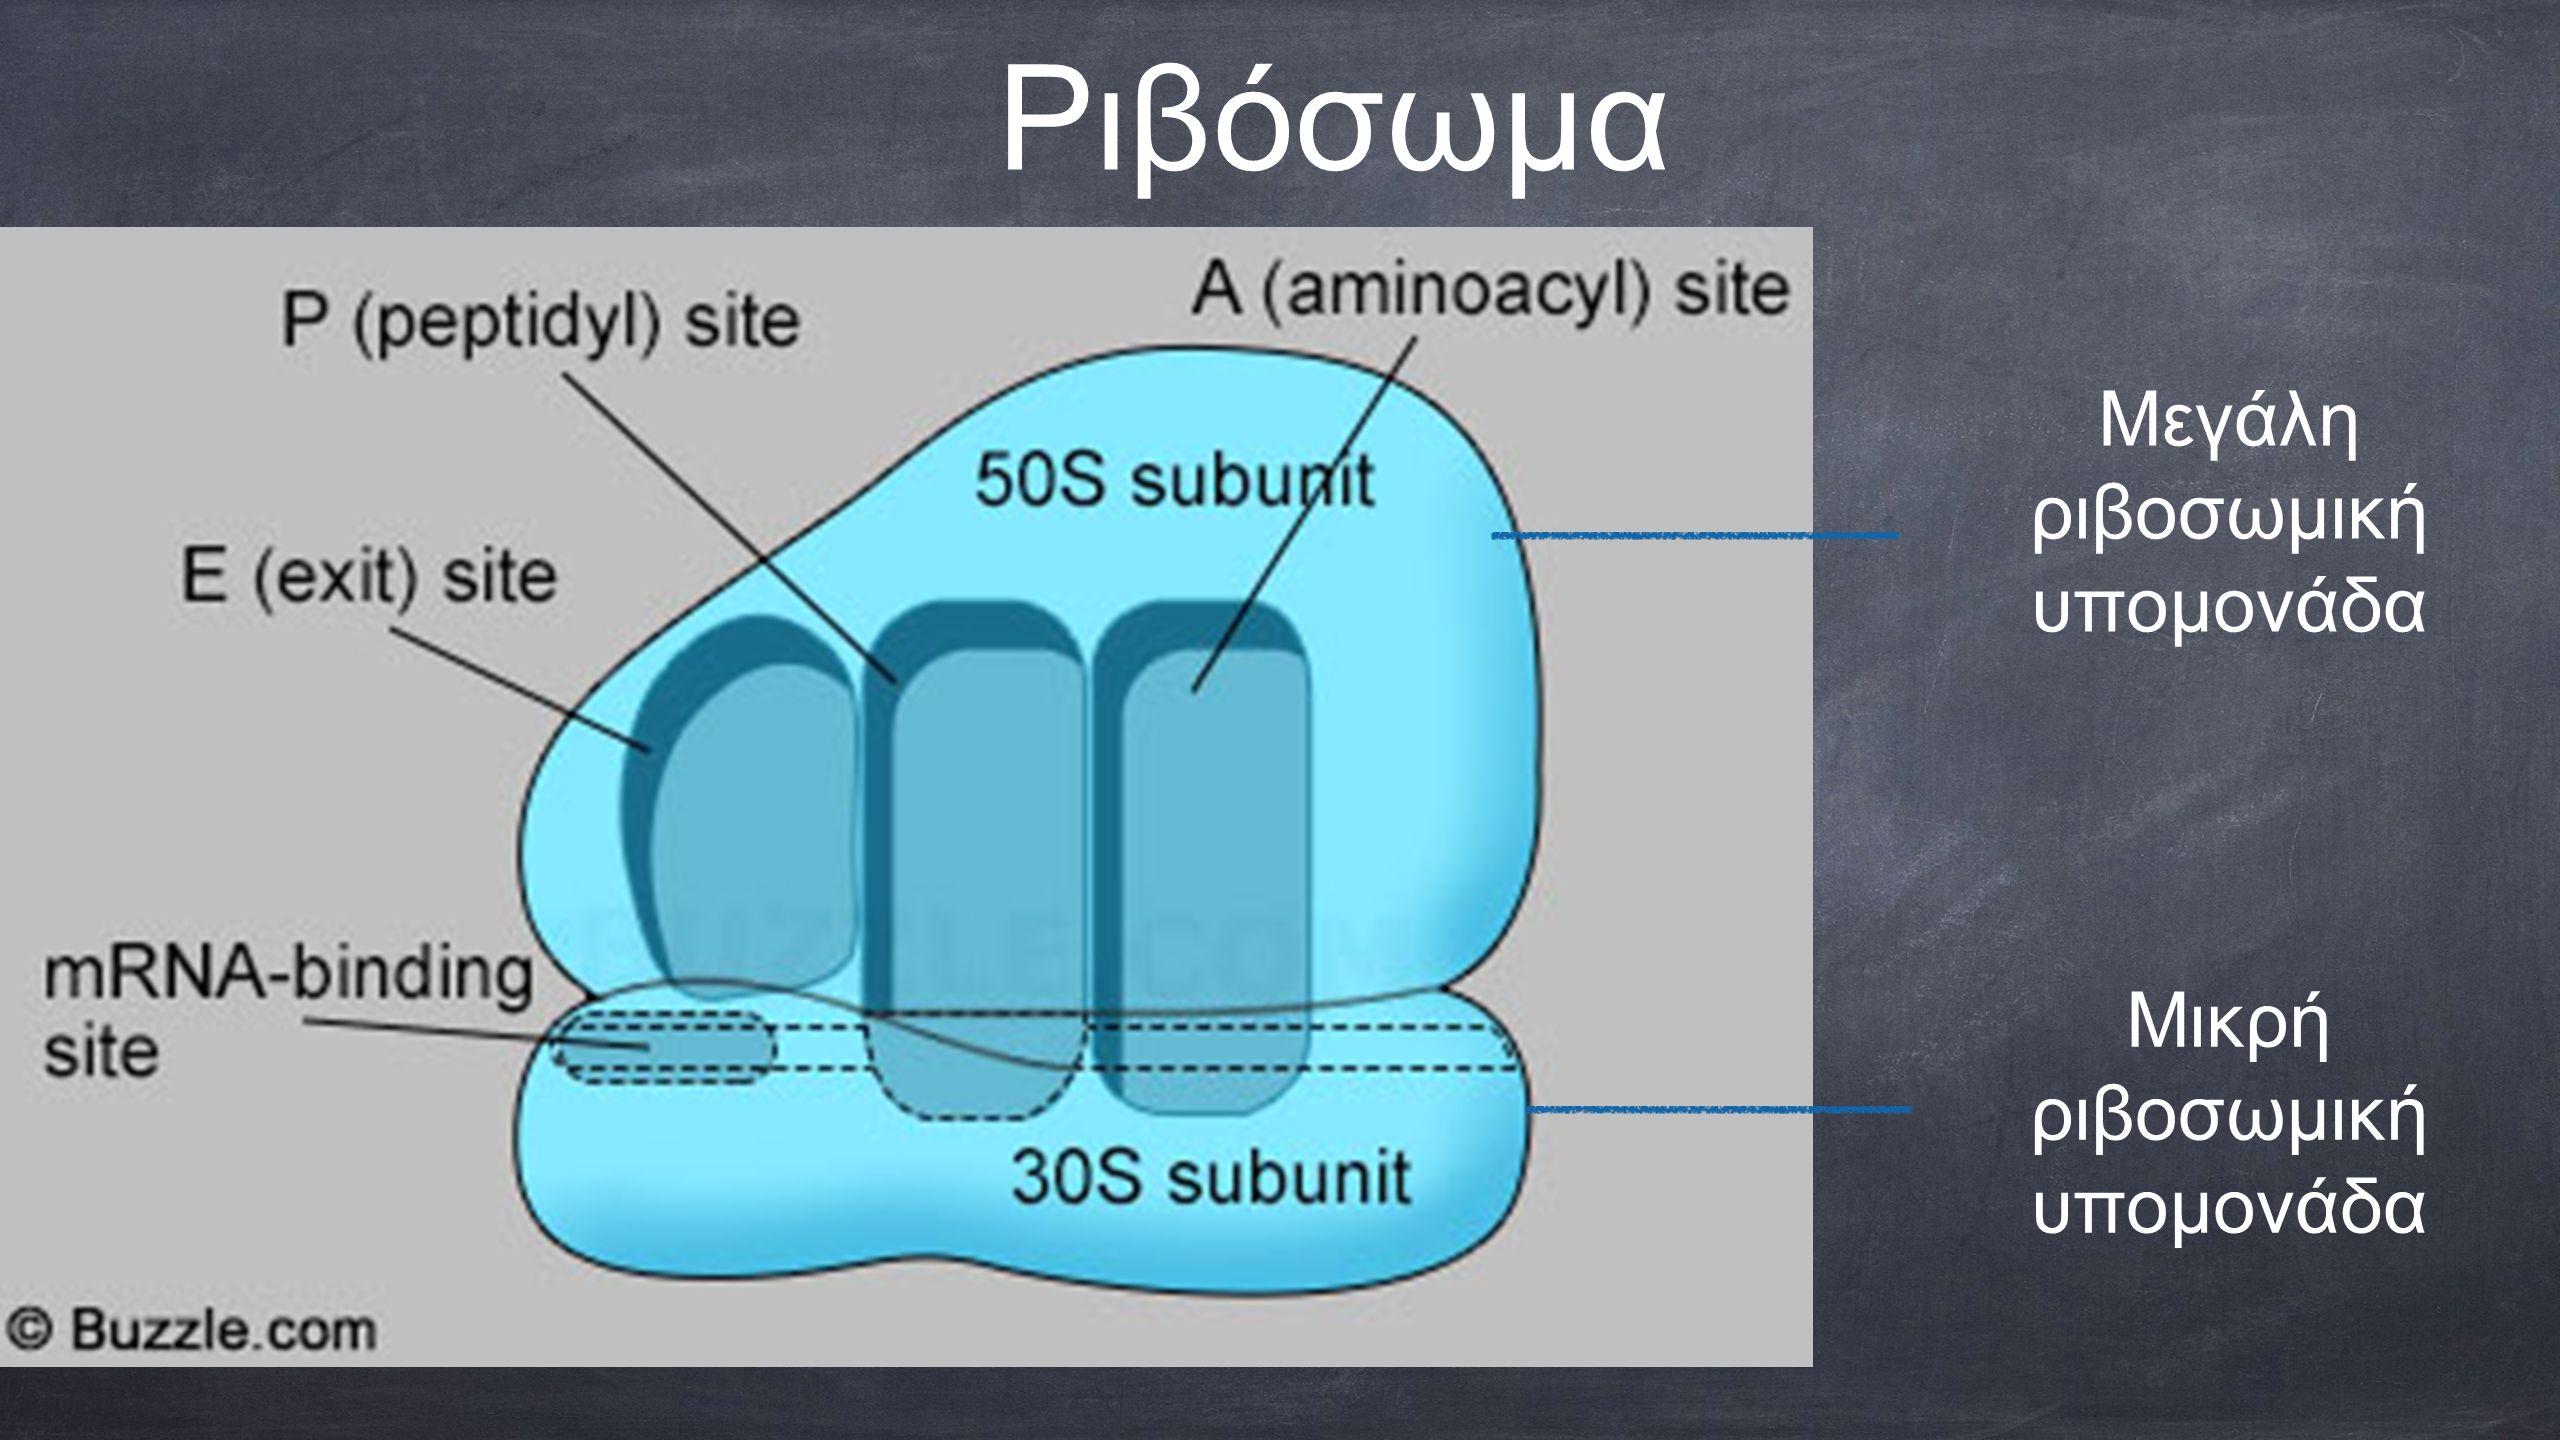 Ριβόσωμα Μικρή ριβοσωμική υπομονάδα Μεγάλη ριβοσωμική υπομονάδα